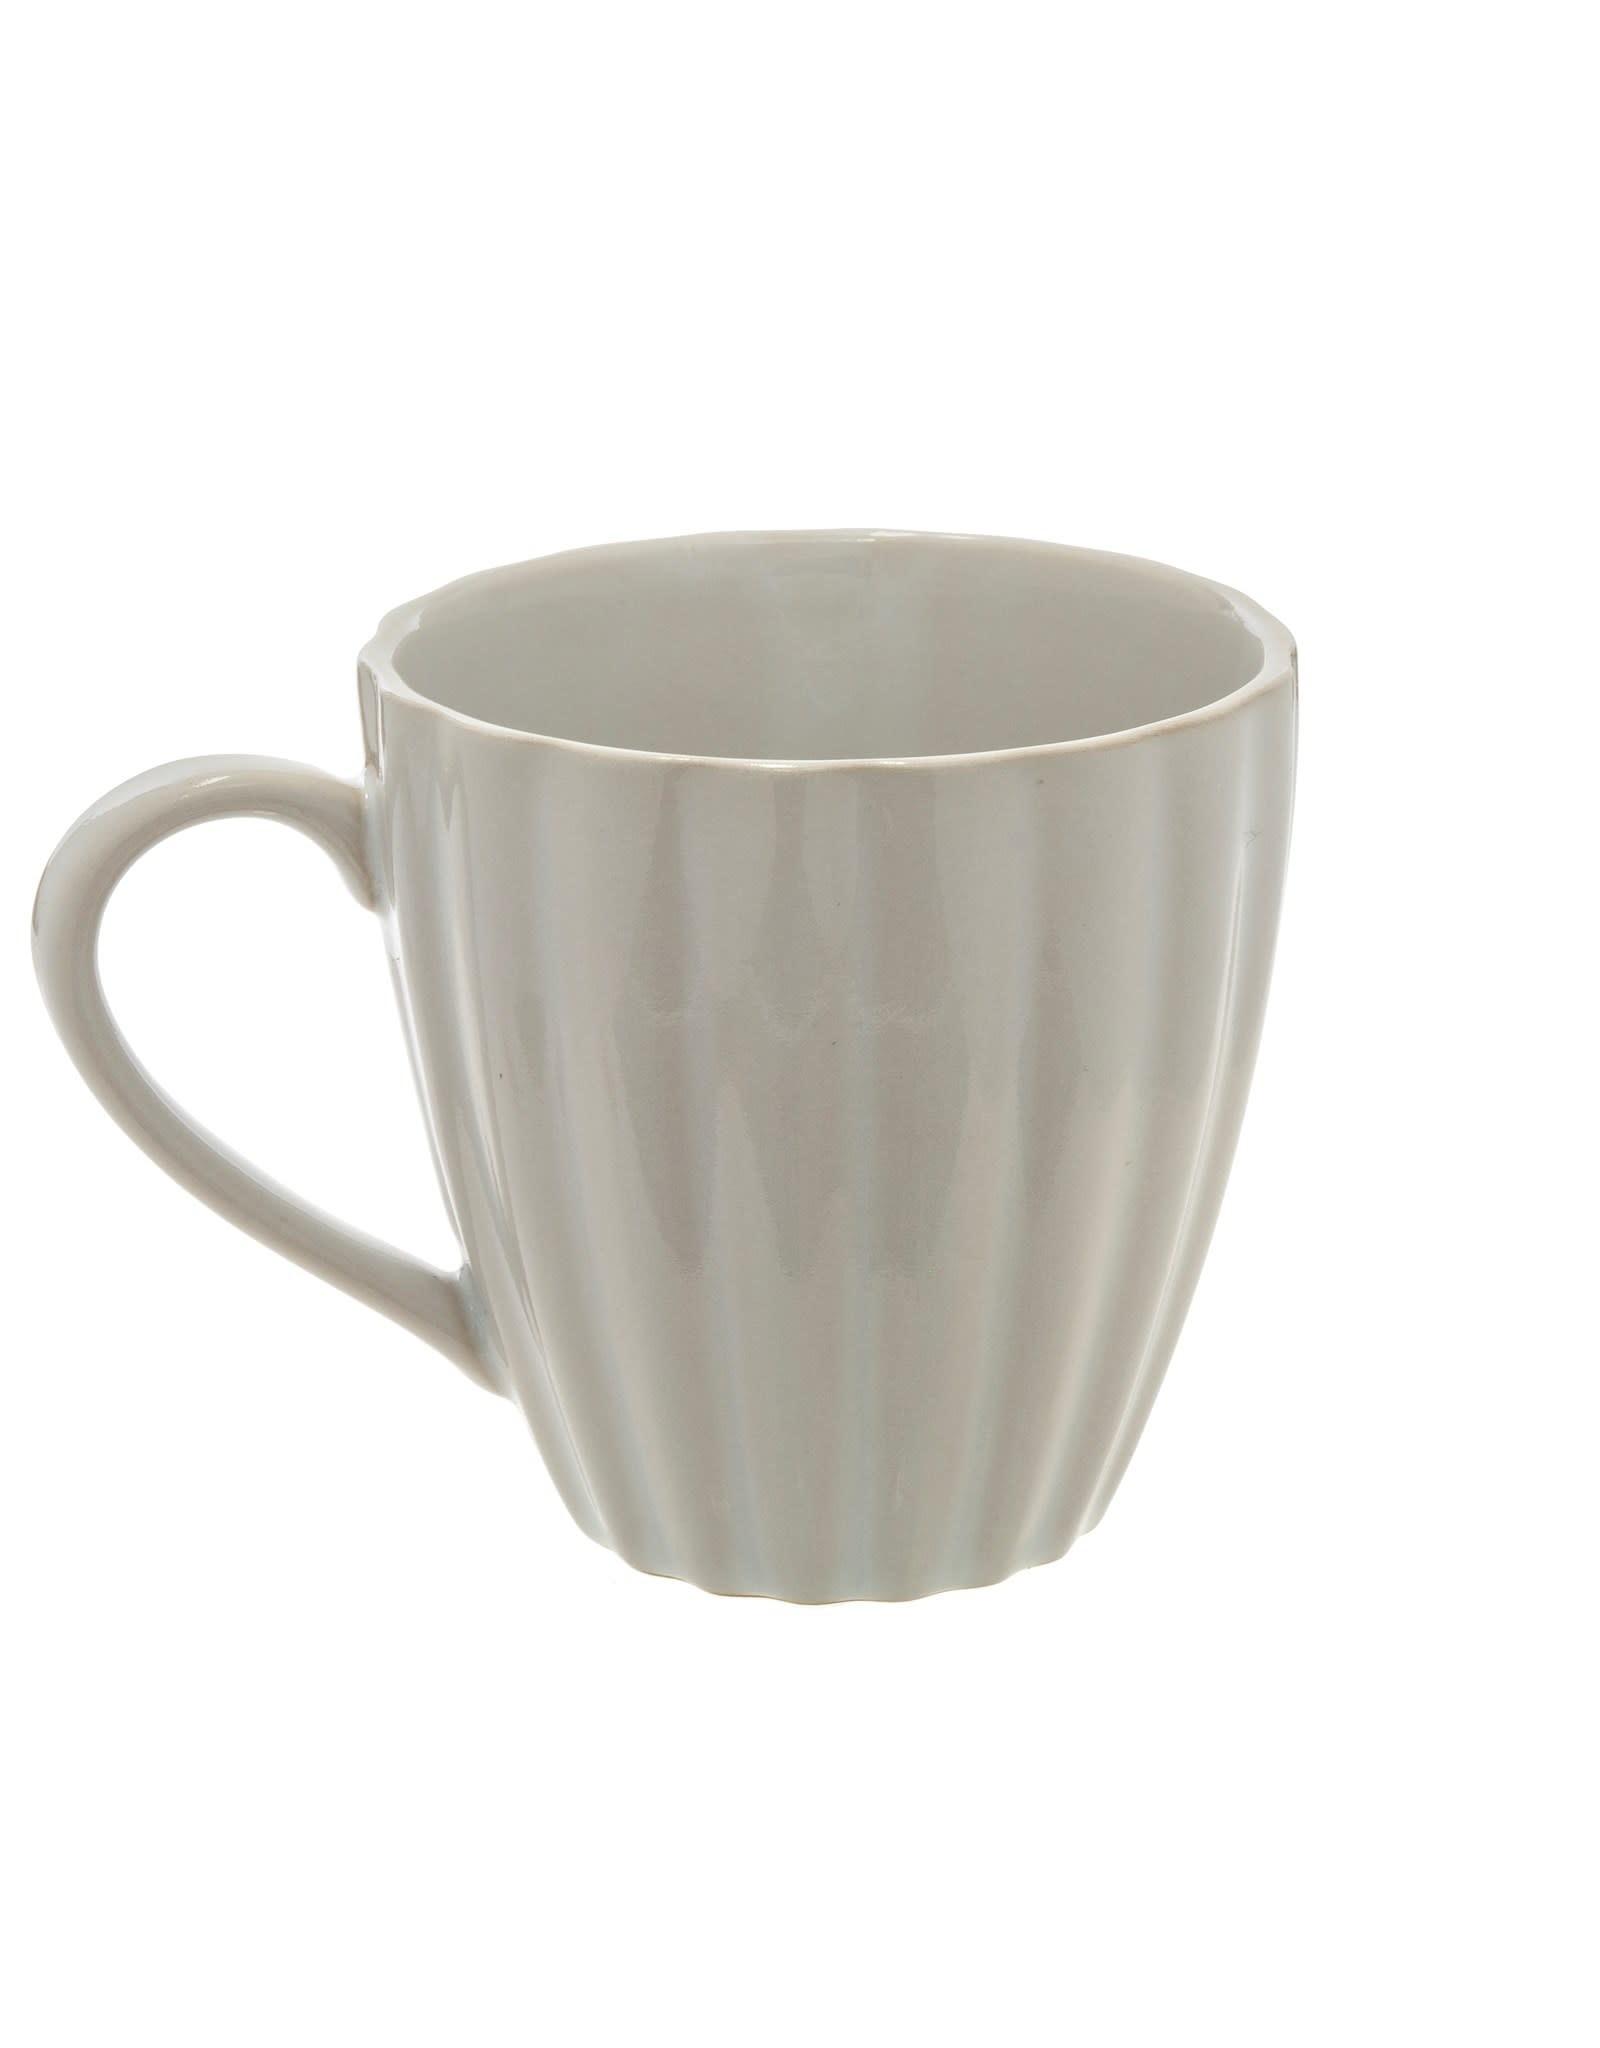 Indaba Amelia White Mug